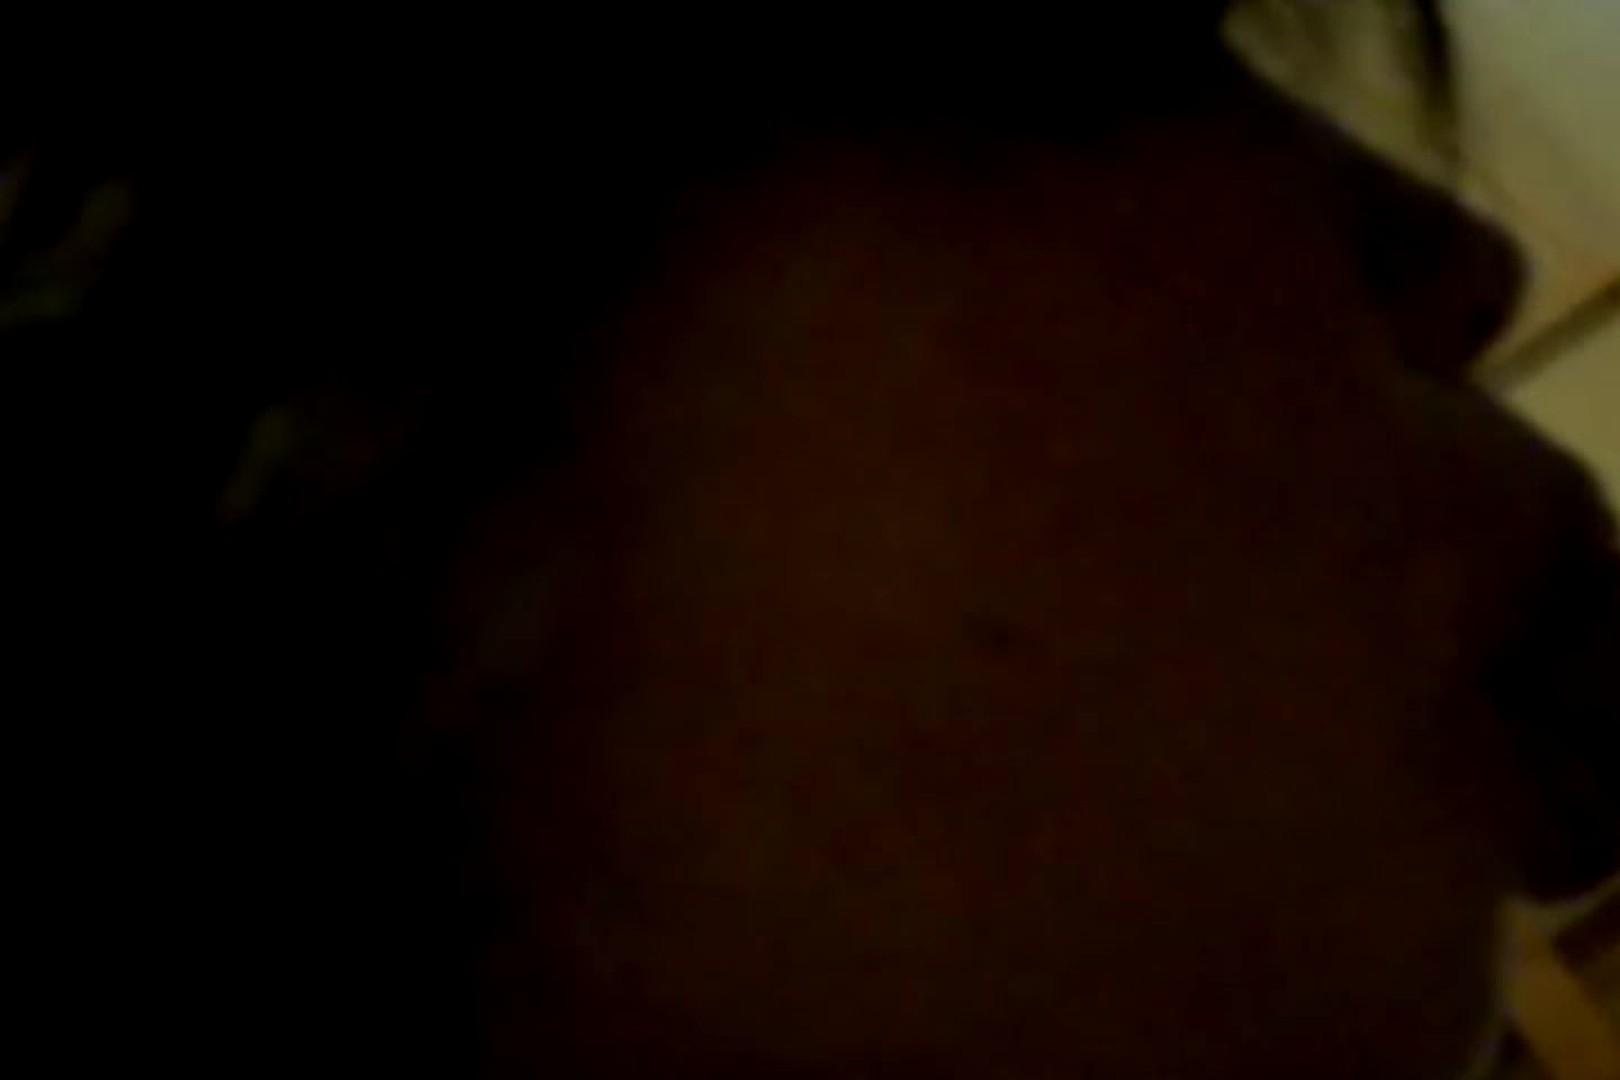 ウイルス流出 レオ&マンコのアルバム プライベート | マンコ  74画像 57